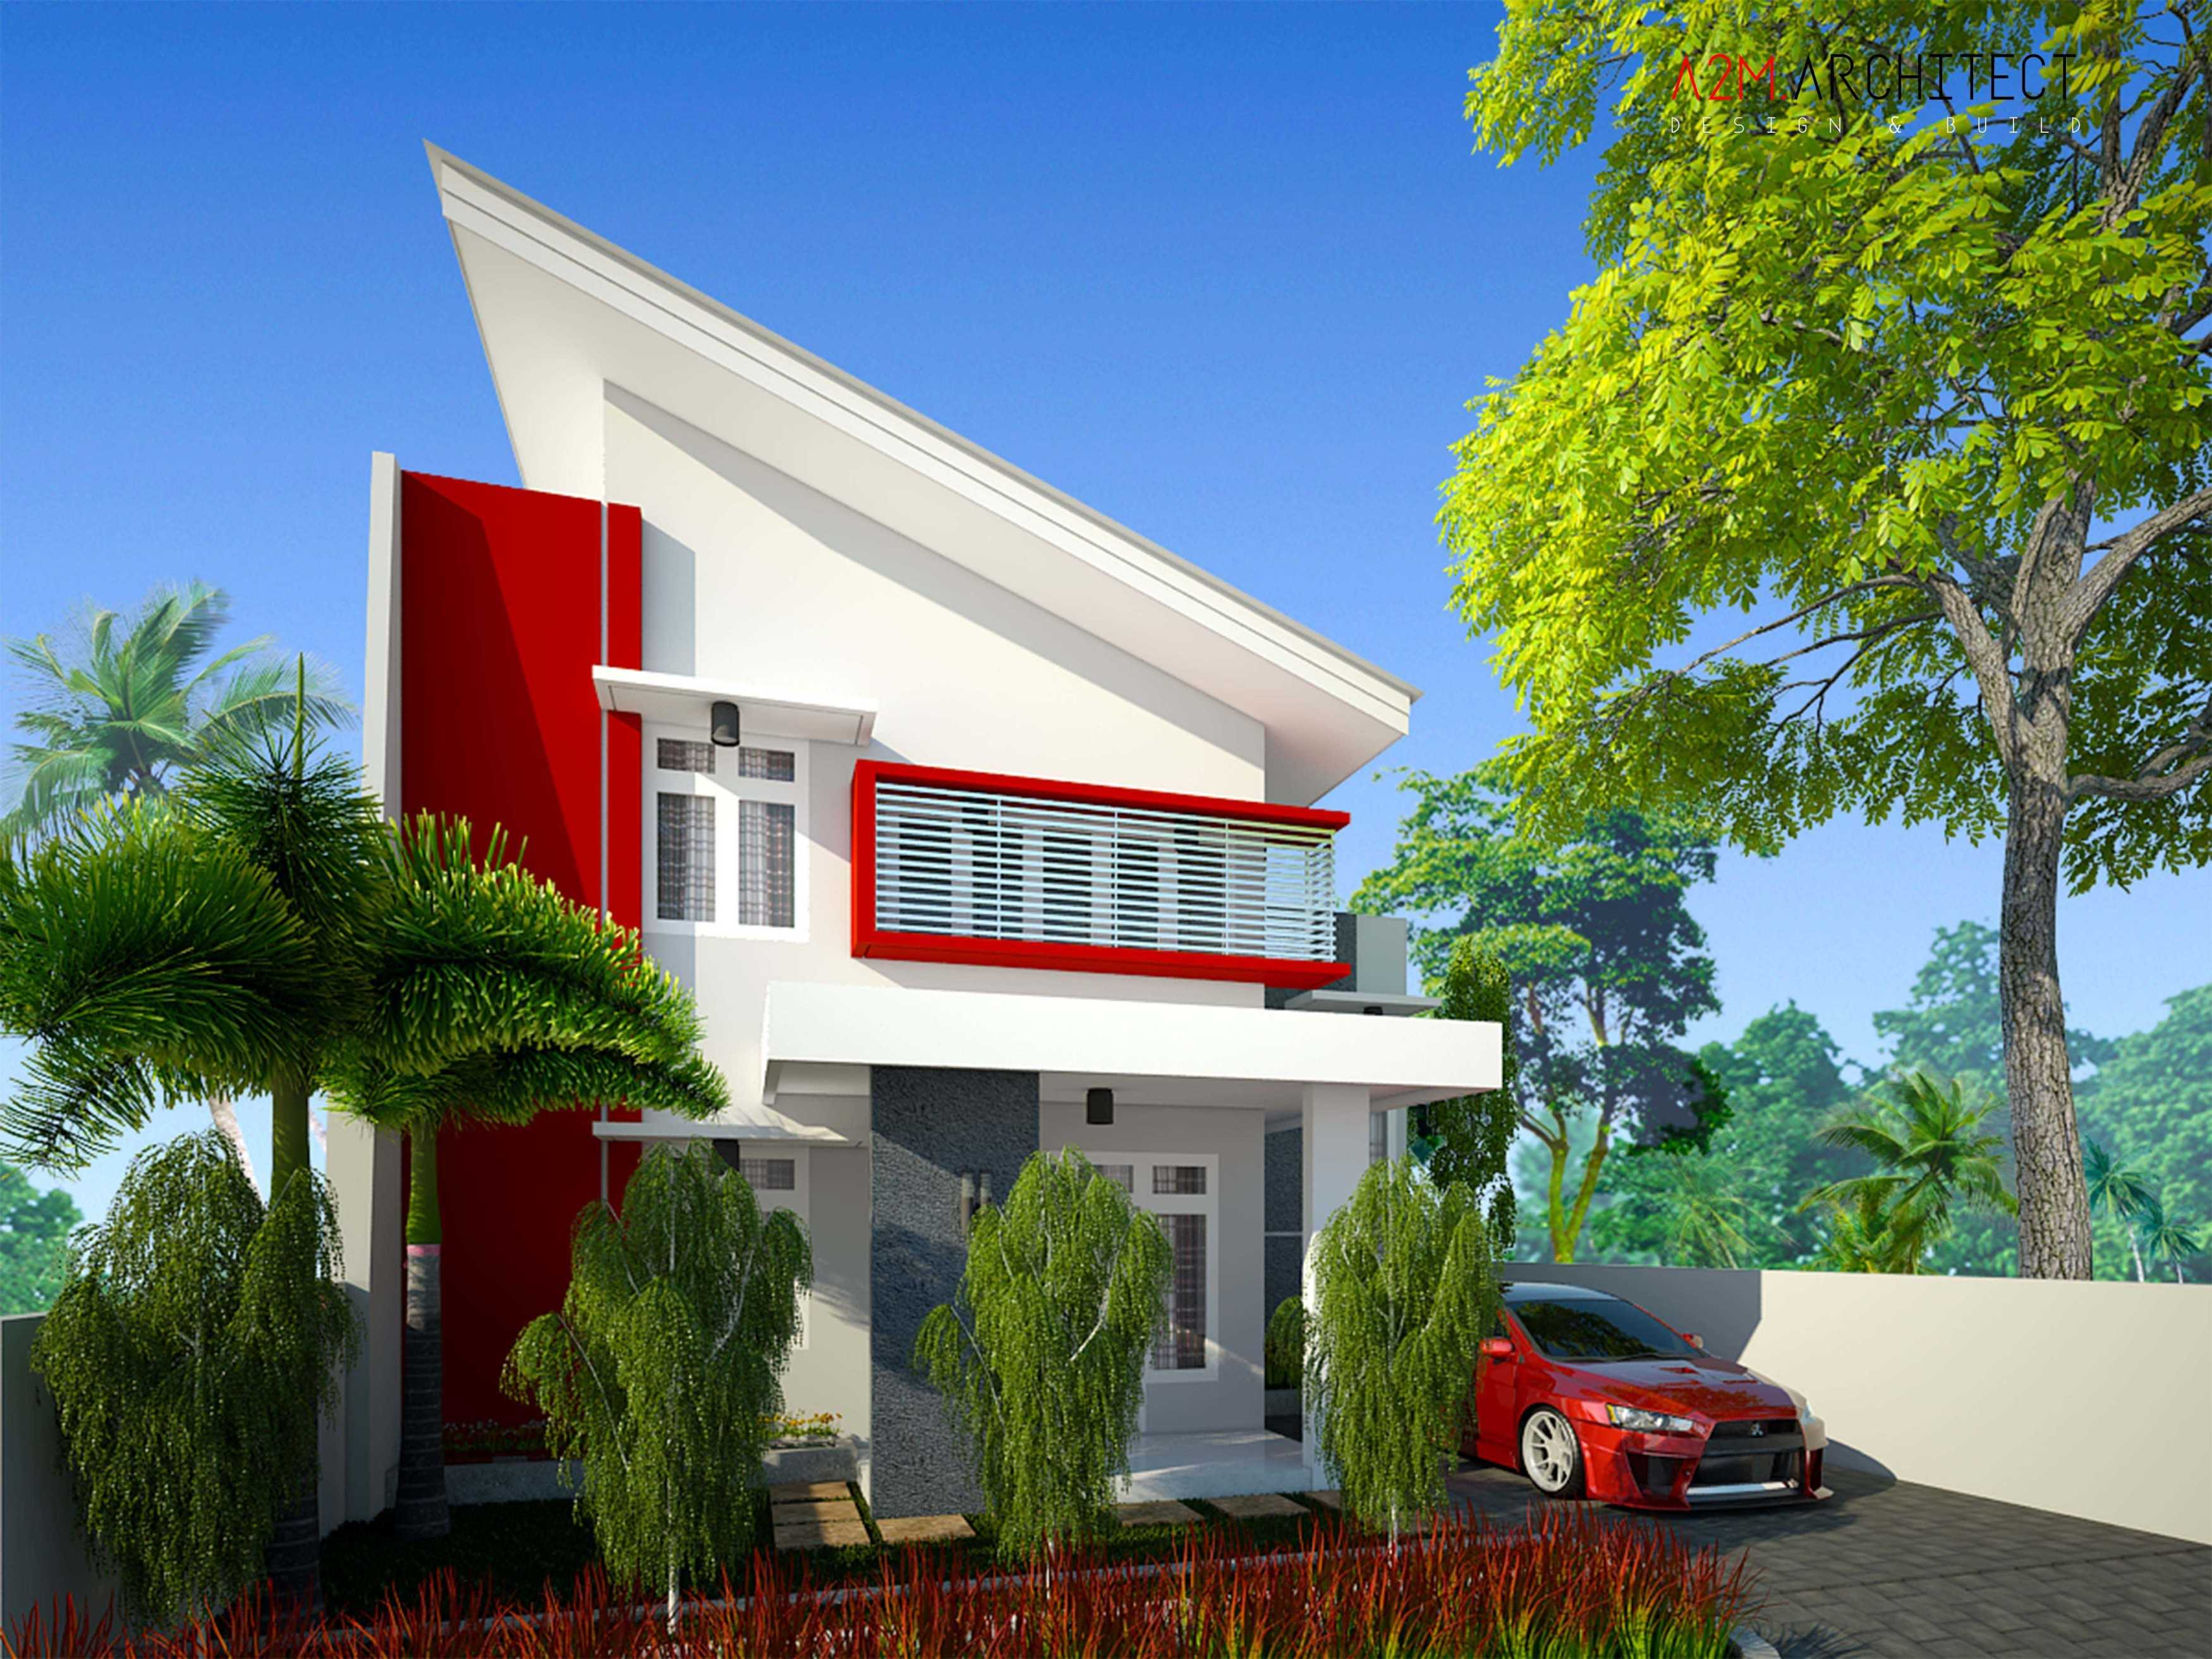 A2M Architect Indo H R House Kota Makassar, Sulawesi Selatan, Indonesia Kota Makassar, Sulawesi Selatan, Indonesia Facade View Contemporary  46515